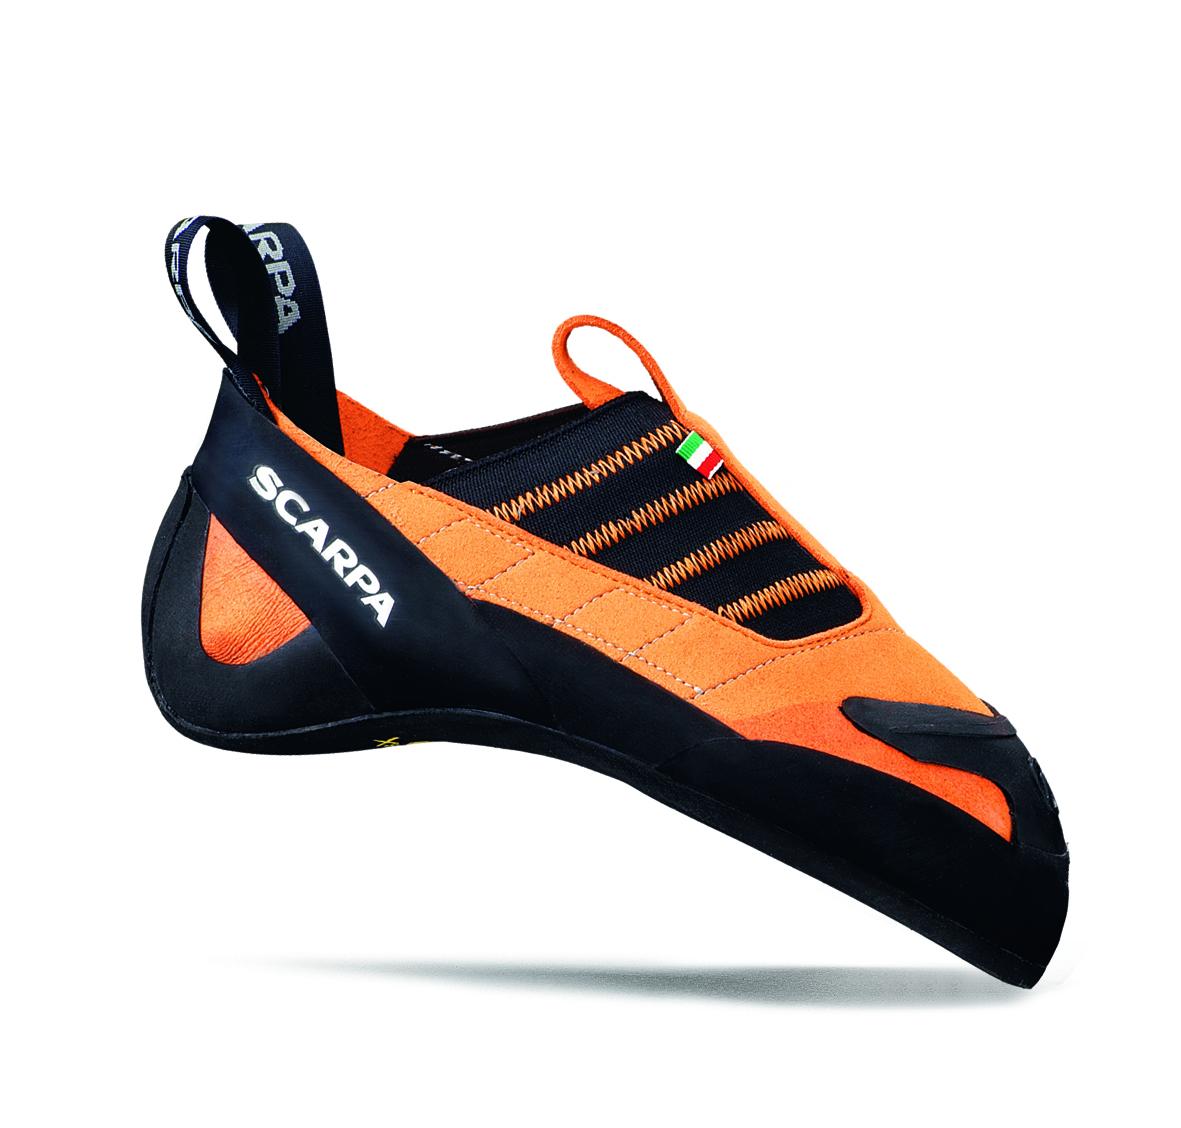 SCARPA INSTINCT S 70010 (Lezecká obuv)